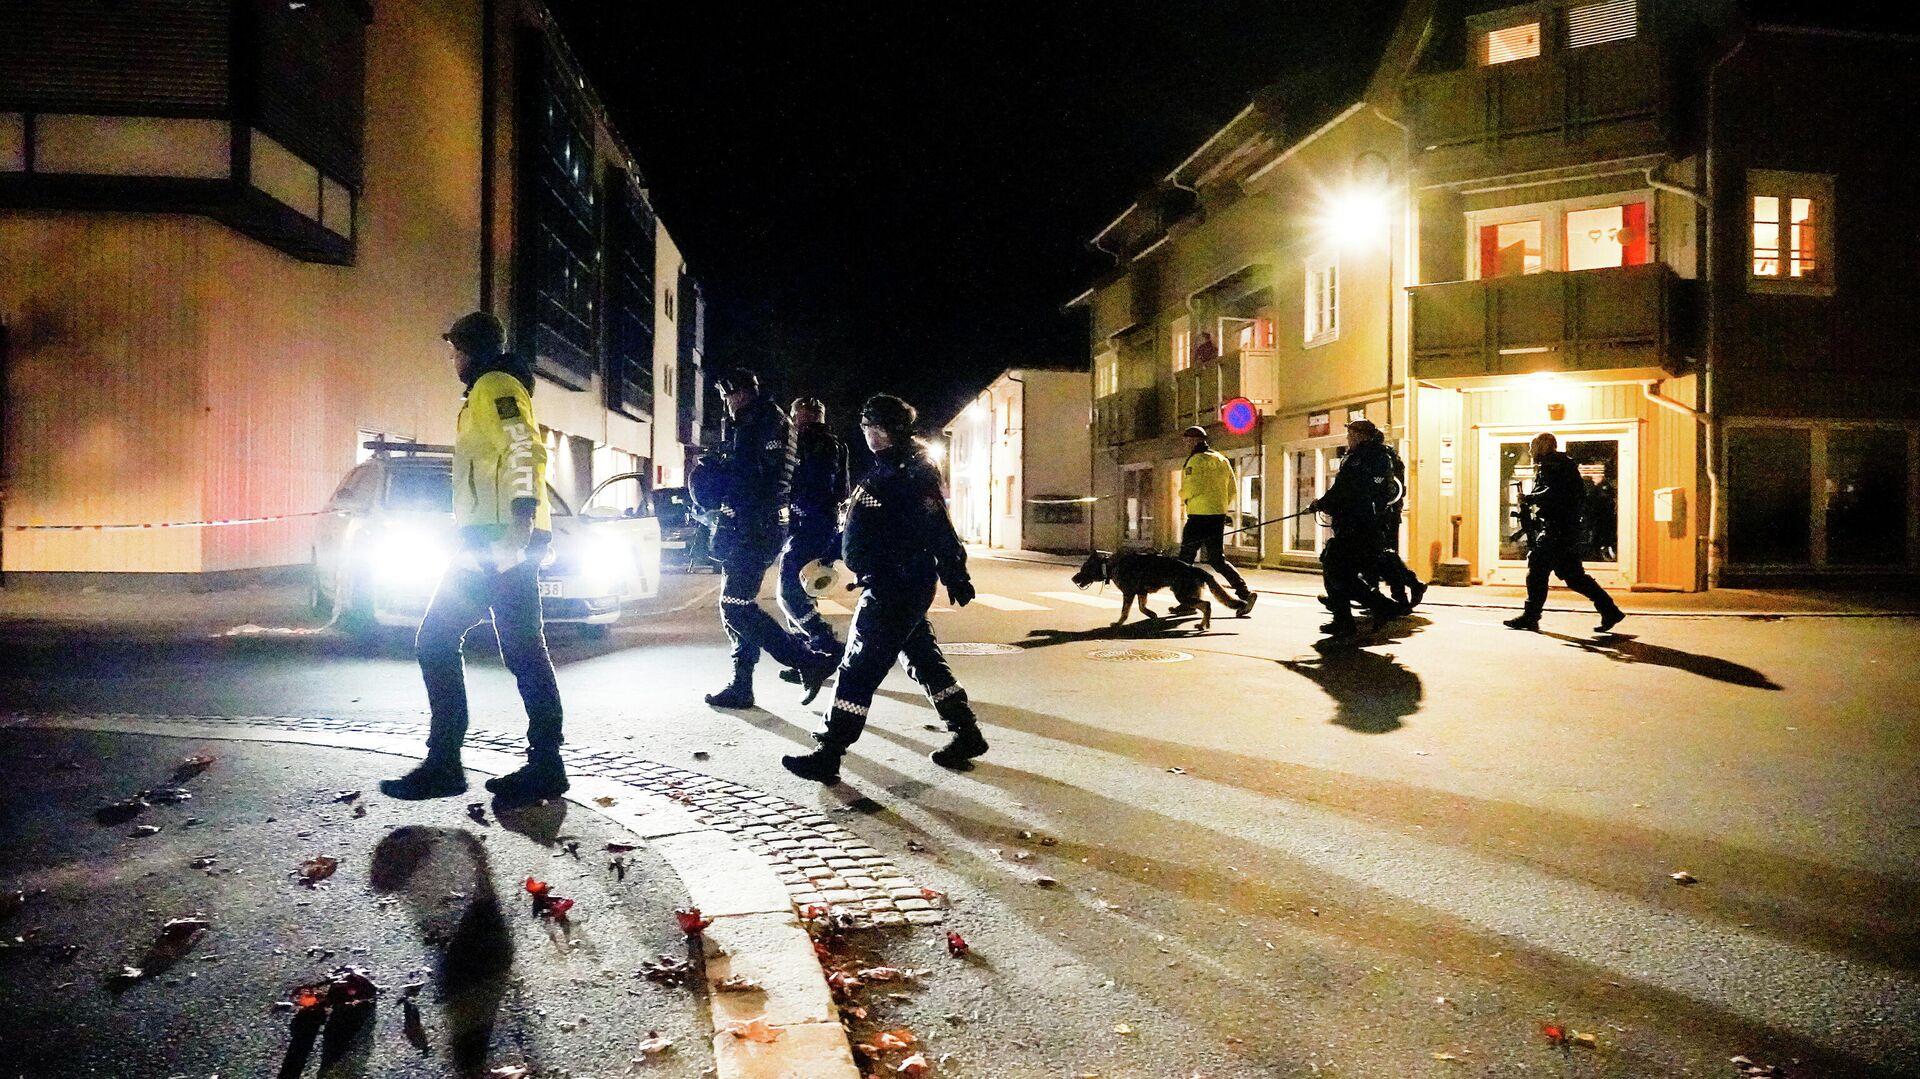 Сотрудники полиции на месте атаки злоумышленника с луком и стрелами в норвежском Конгсберге - РИА Новости, 1920, 14.10.2021